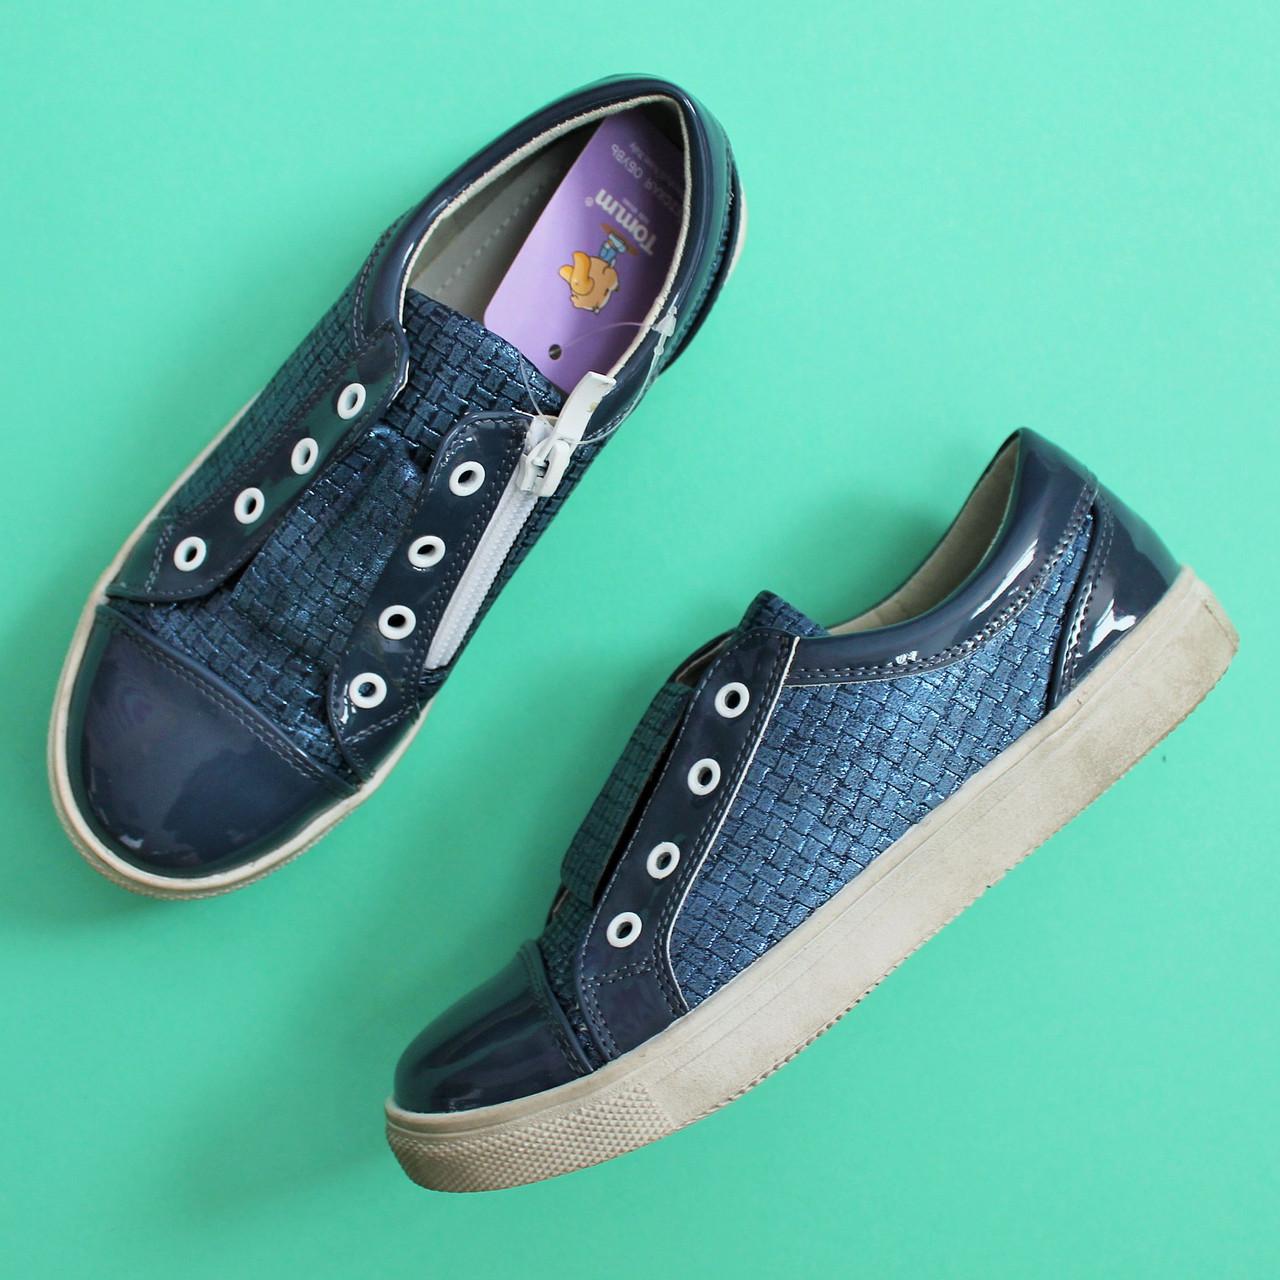 6cfba8d2d Туфли школьные Слипоны для девочек синие подростковые Tom.m размер 32,33,34